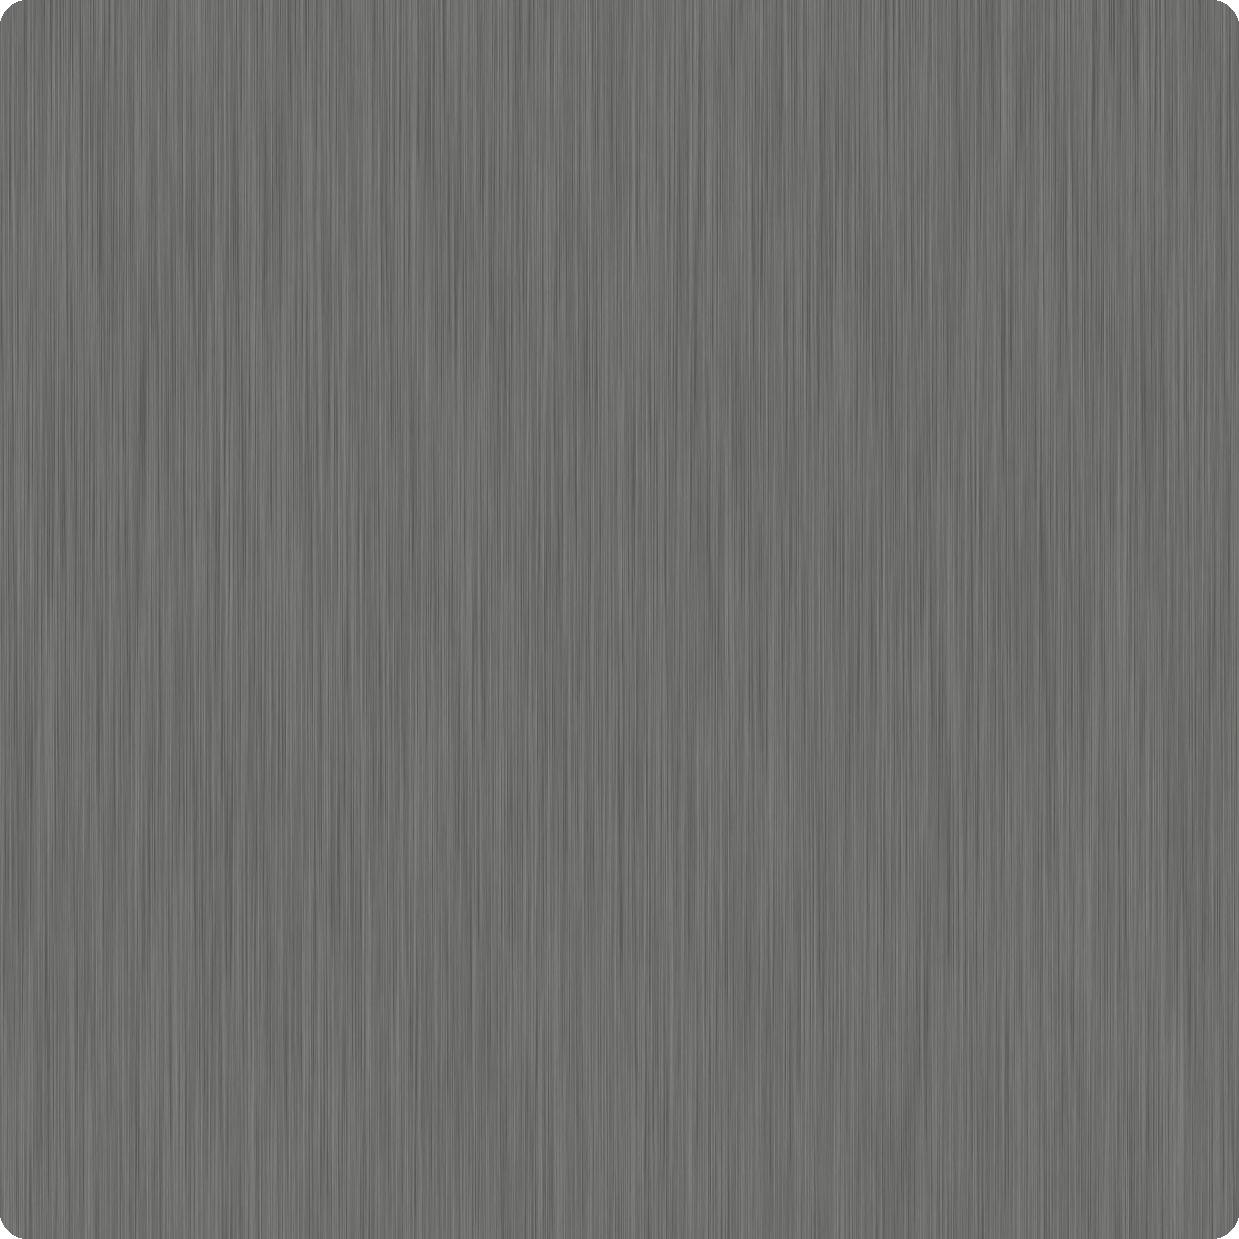 nedzink-neo-225x225px